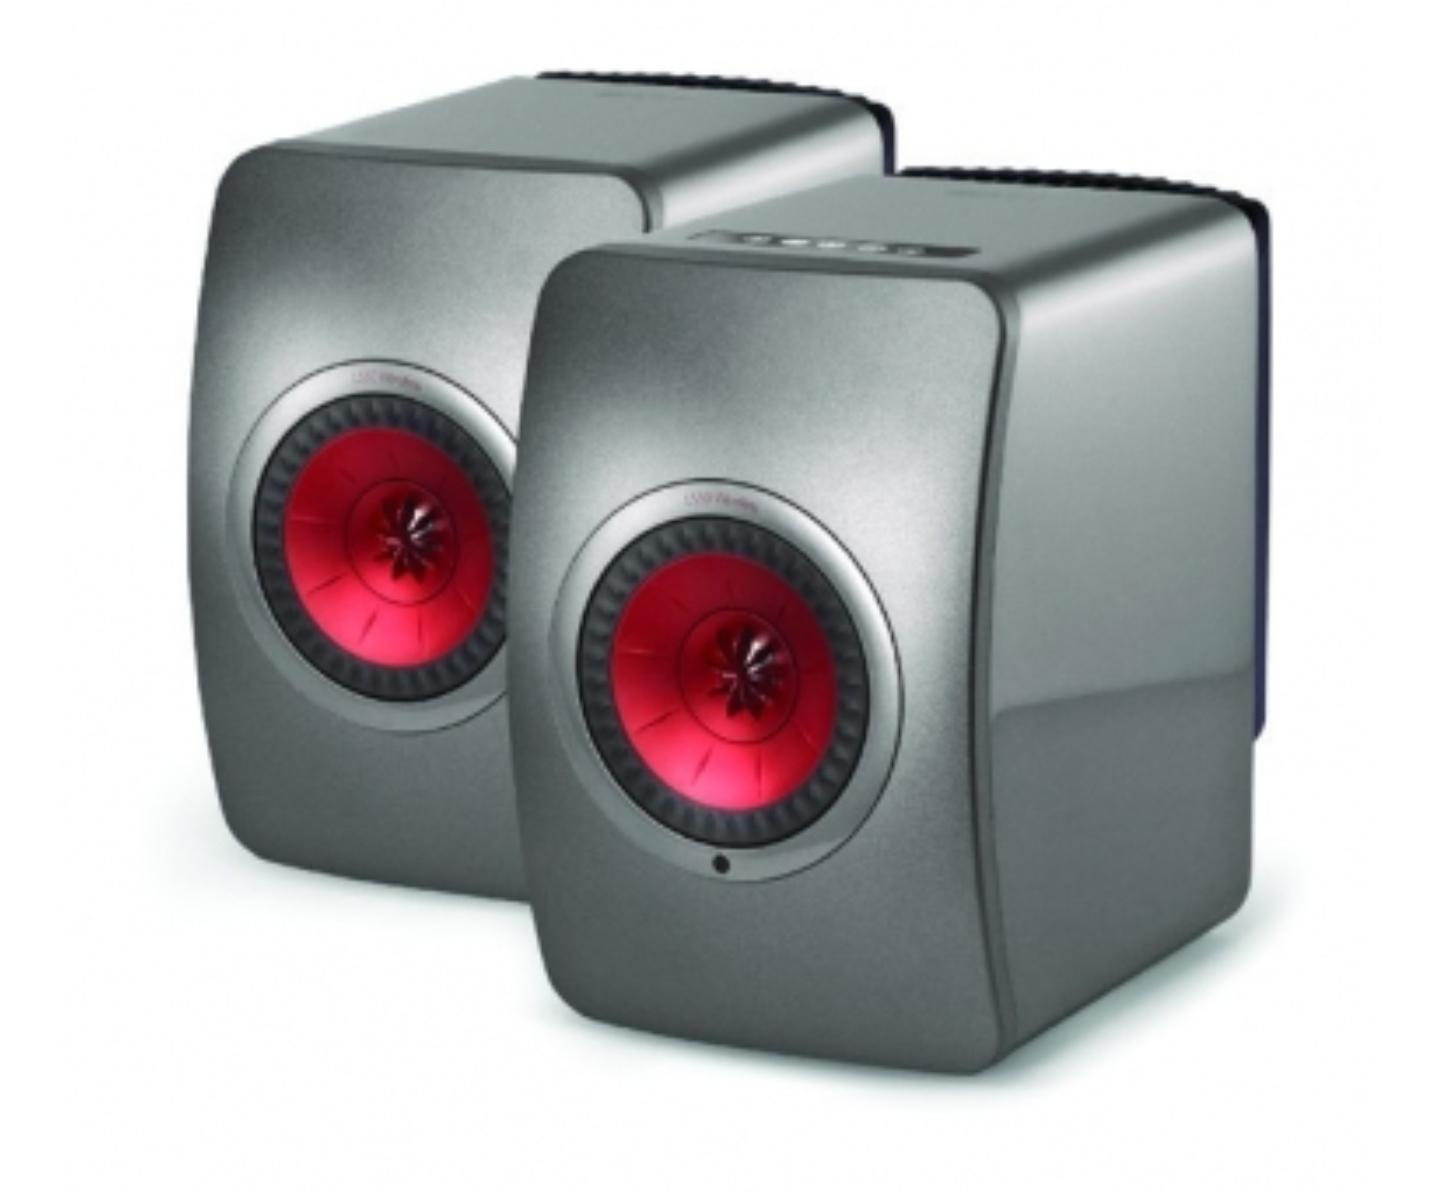 Paire d'enceintes sans-fil KEF LS50 Wireless (gris/rouge) - reconditionné stock B - CSMusikSysteme.net